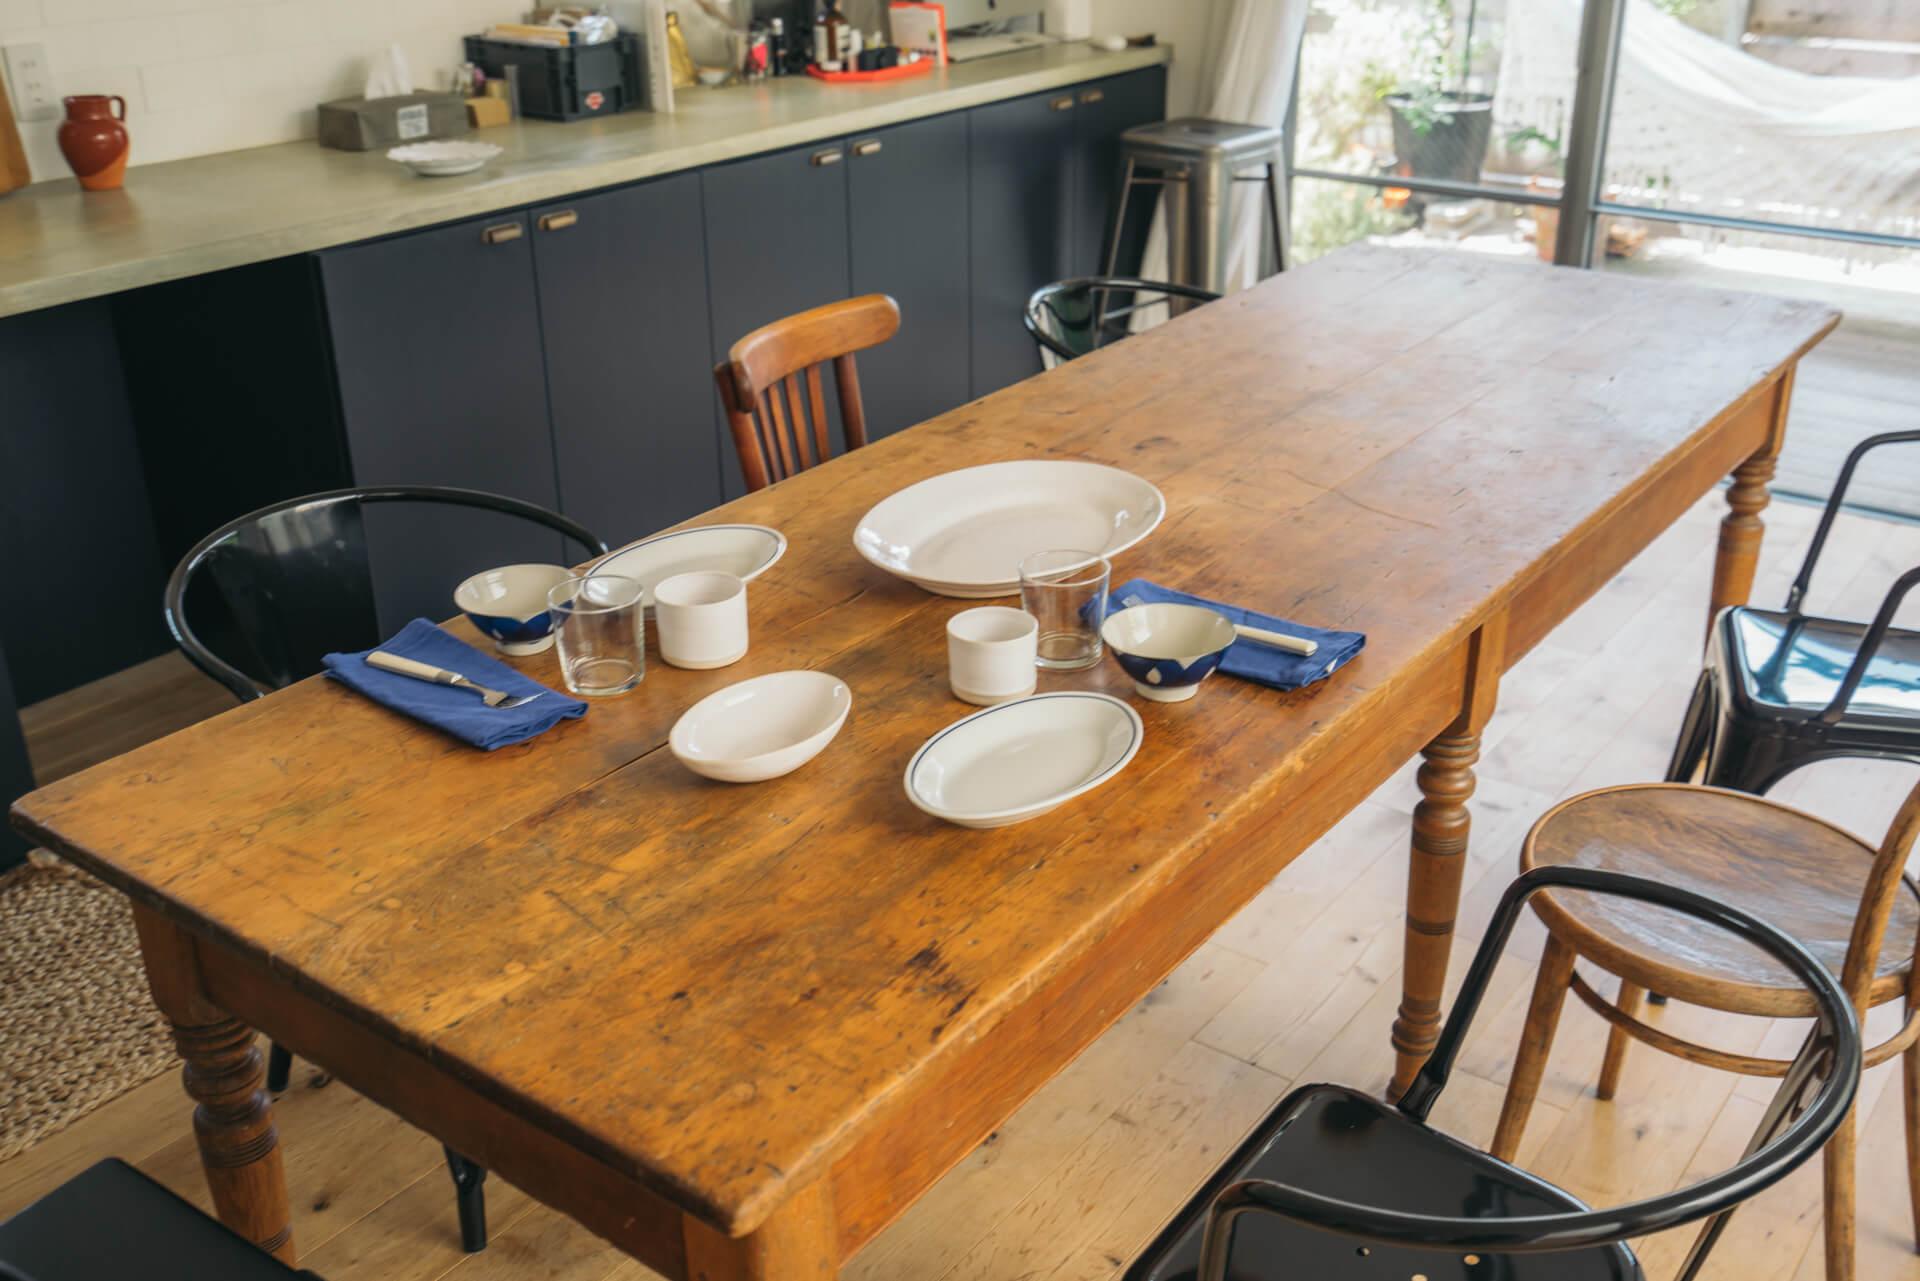 沖縄のやちむんや、イタリアのSaturniaなど、いろんなテイストをあわせて、いつものテーブルセットができあがります。